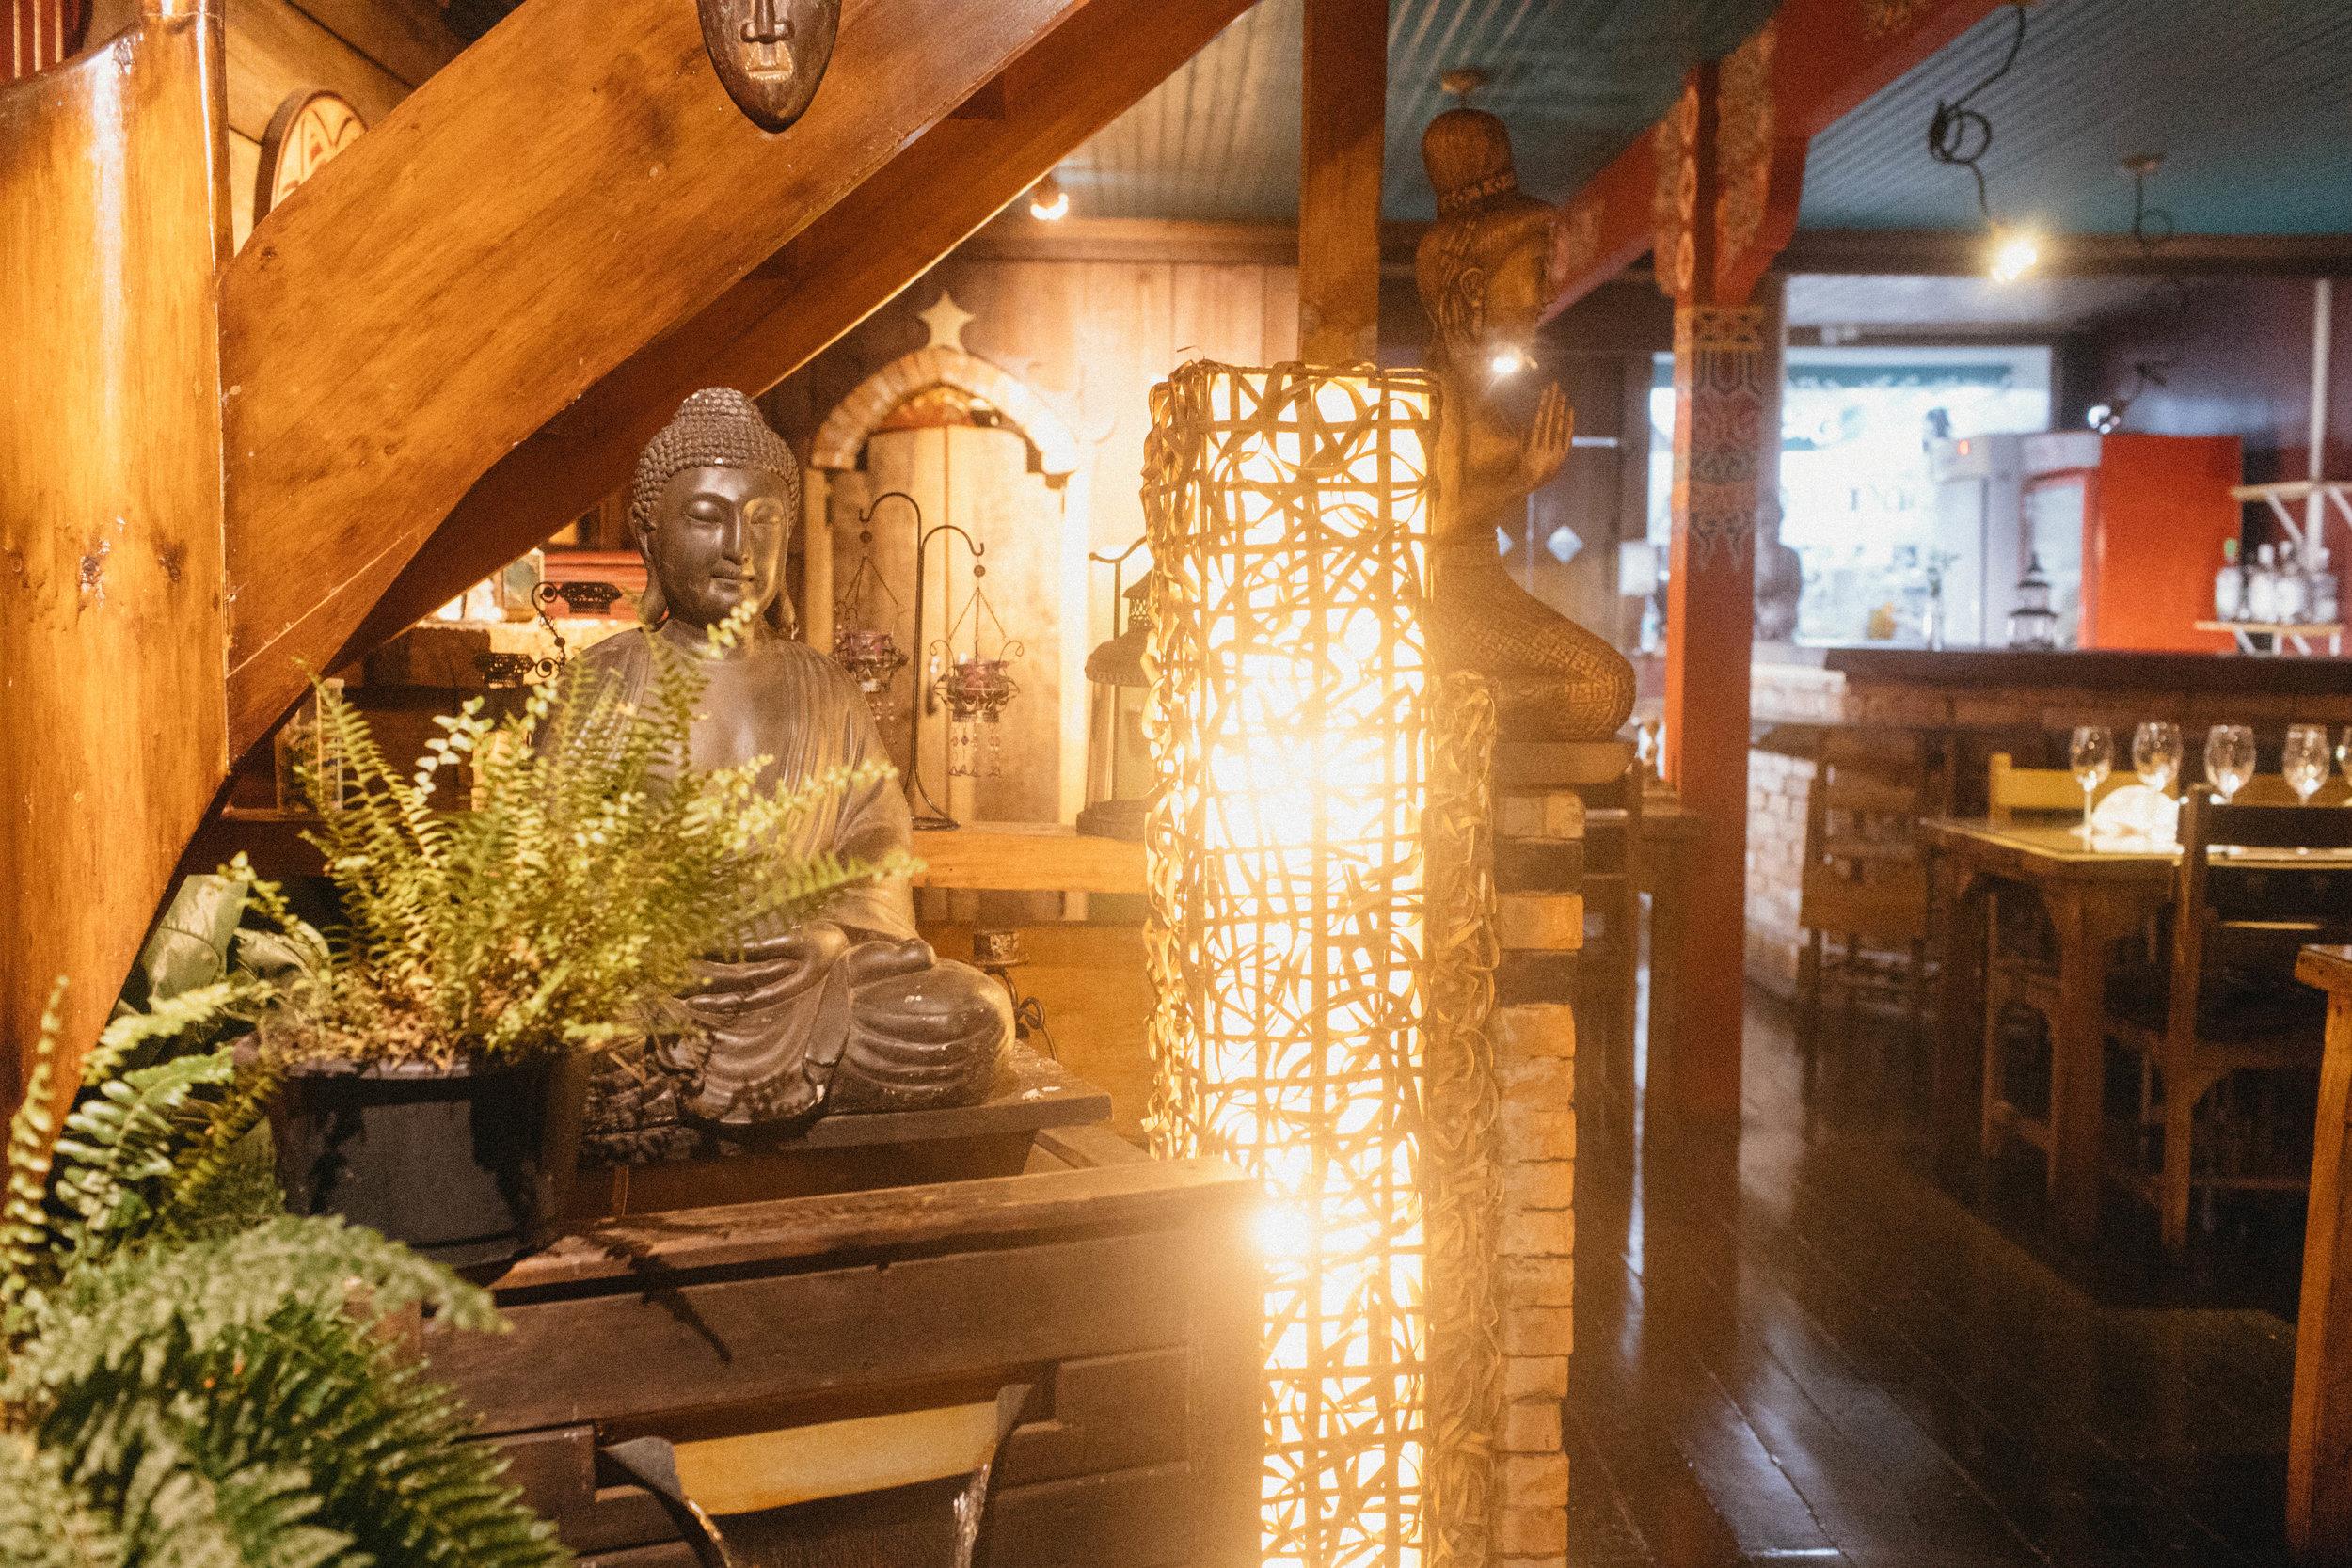 restaurante galangal canela